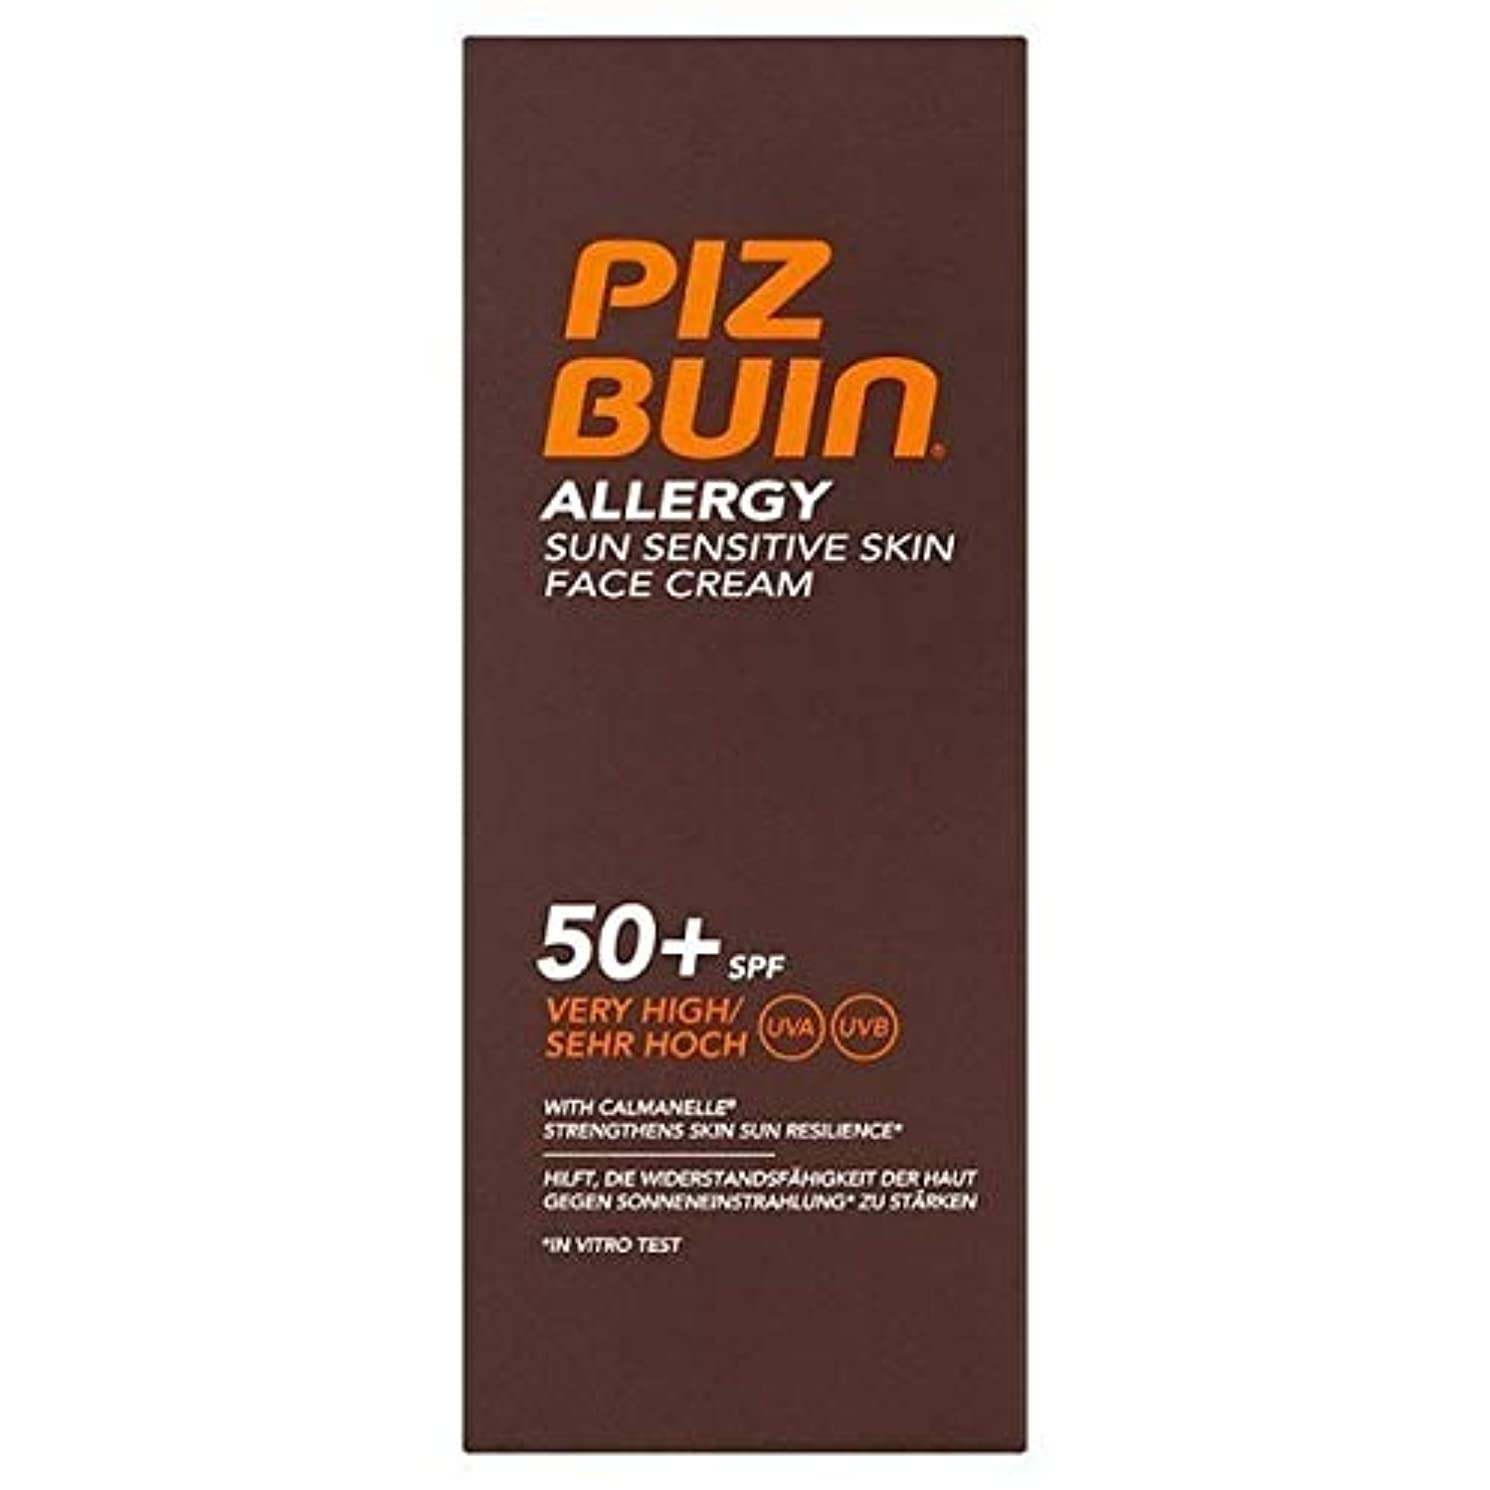 殺します邪魔する急襲[Piz Buin] ピッツブーインアレルギーフェースクリームSpf 50+非常に高い40ミリリットル - Piz Buin Allergy Face Cream SPF 50+ Very High 40ml [並行輸入品]